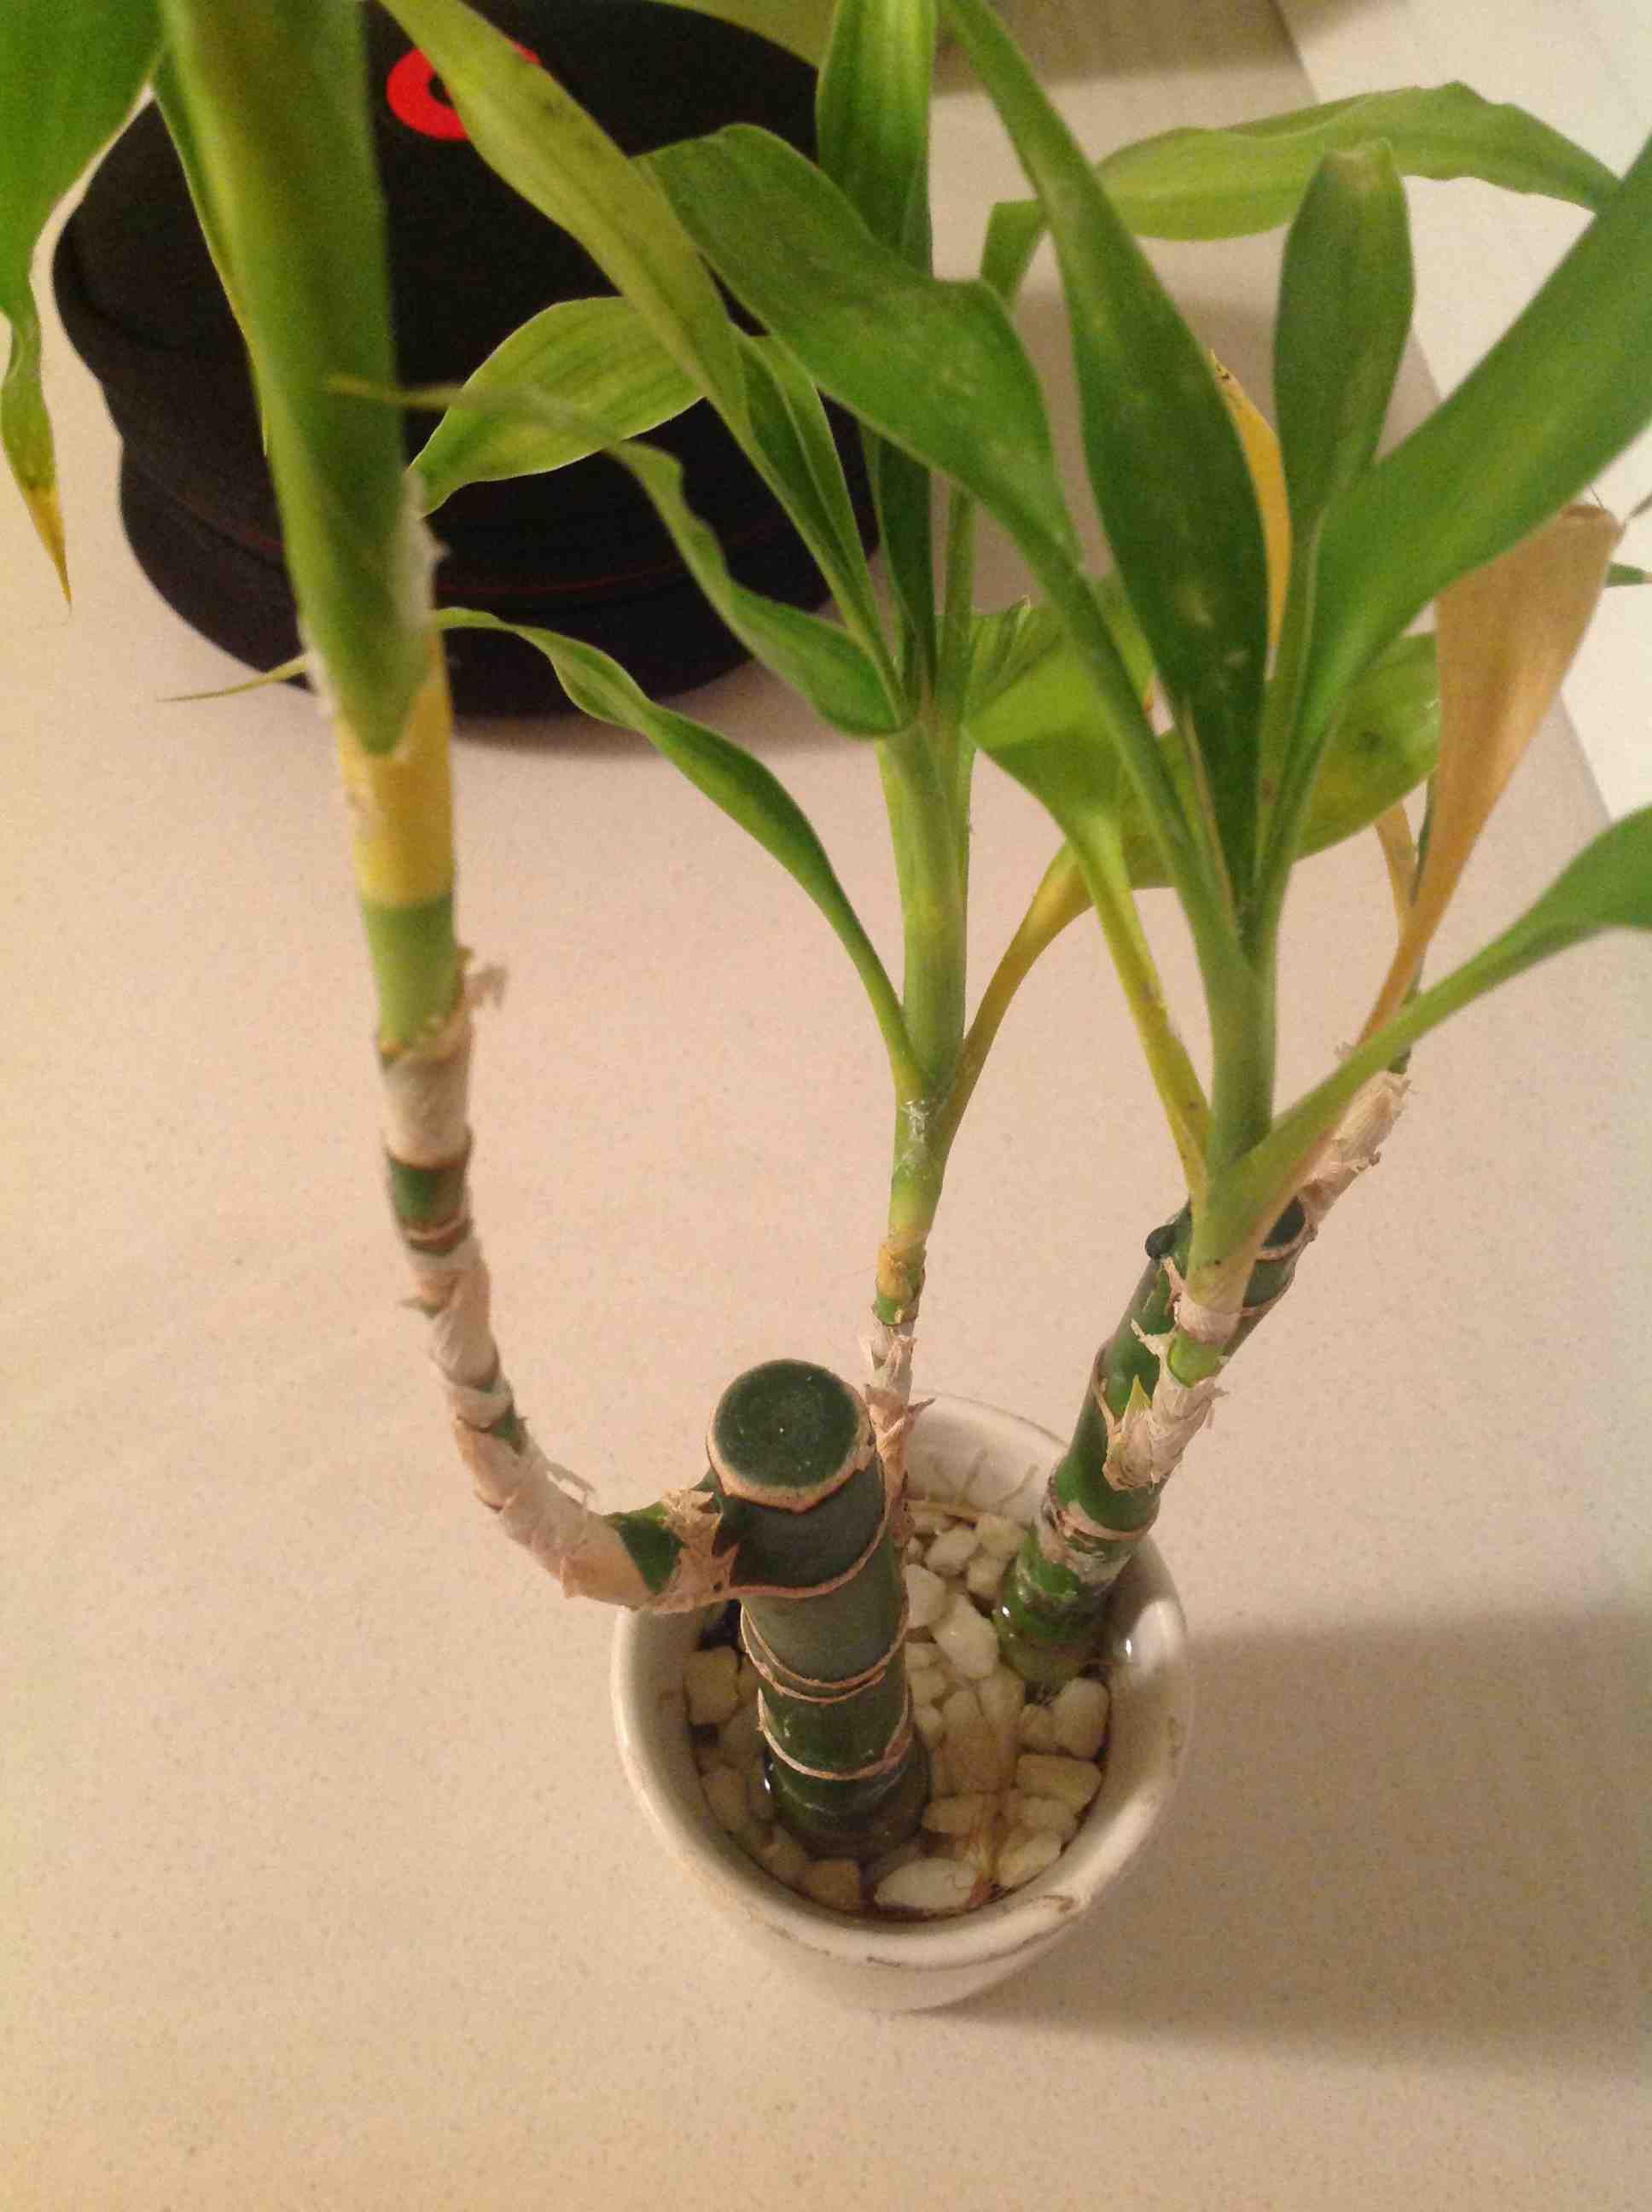 富贵竹茎秆枯萎了怎么办